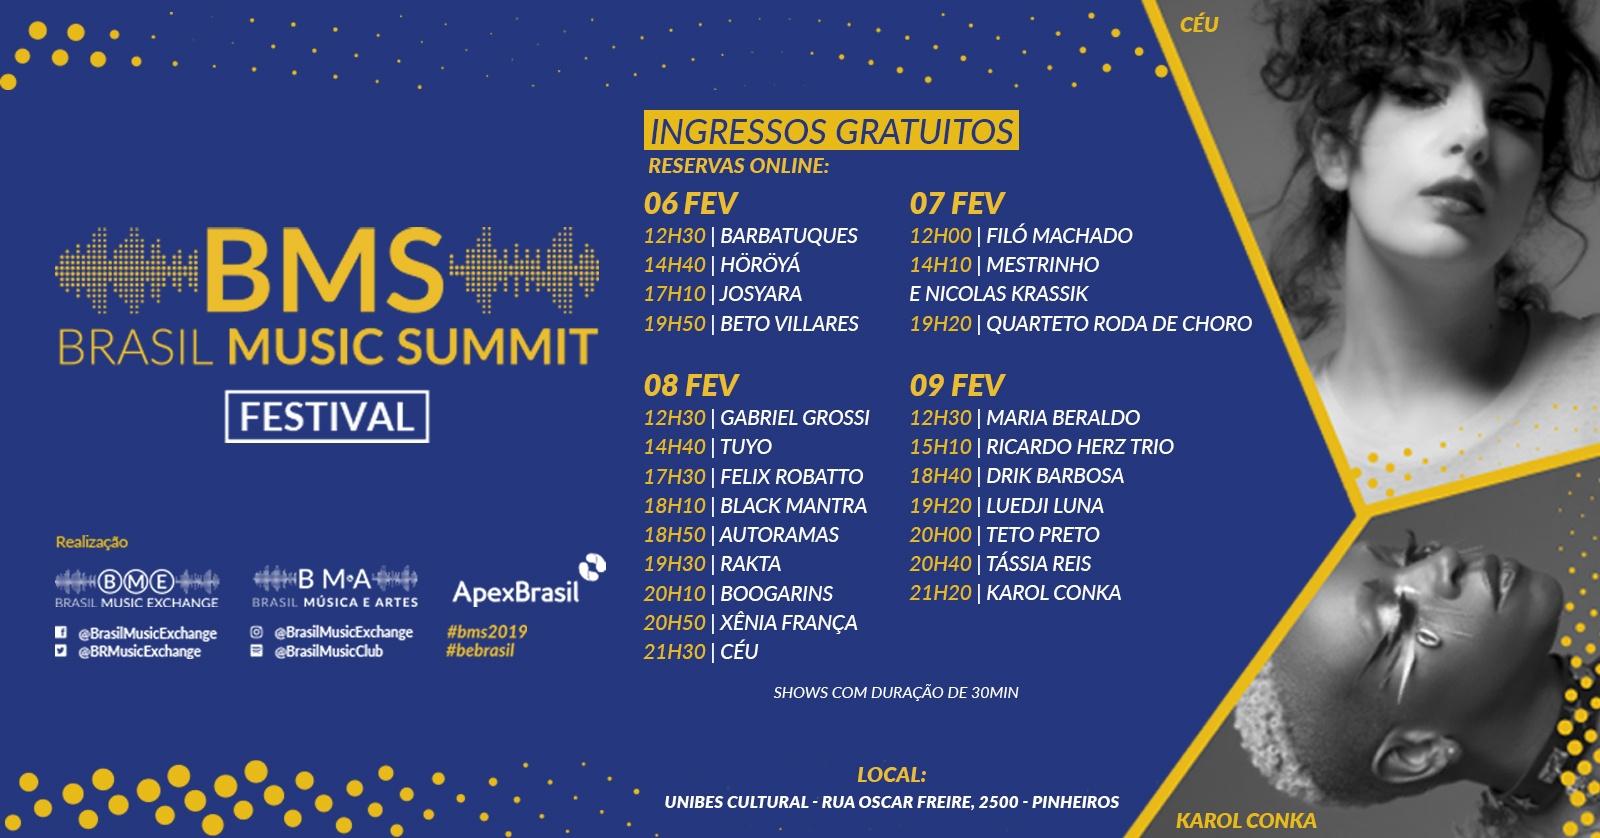 Brasil Music Summit acontece de 6 a 9 de fevereiro na Unibes Cultural. Imagem: Reprodução.